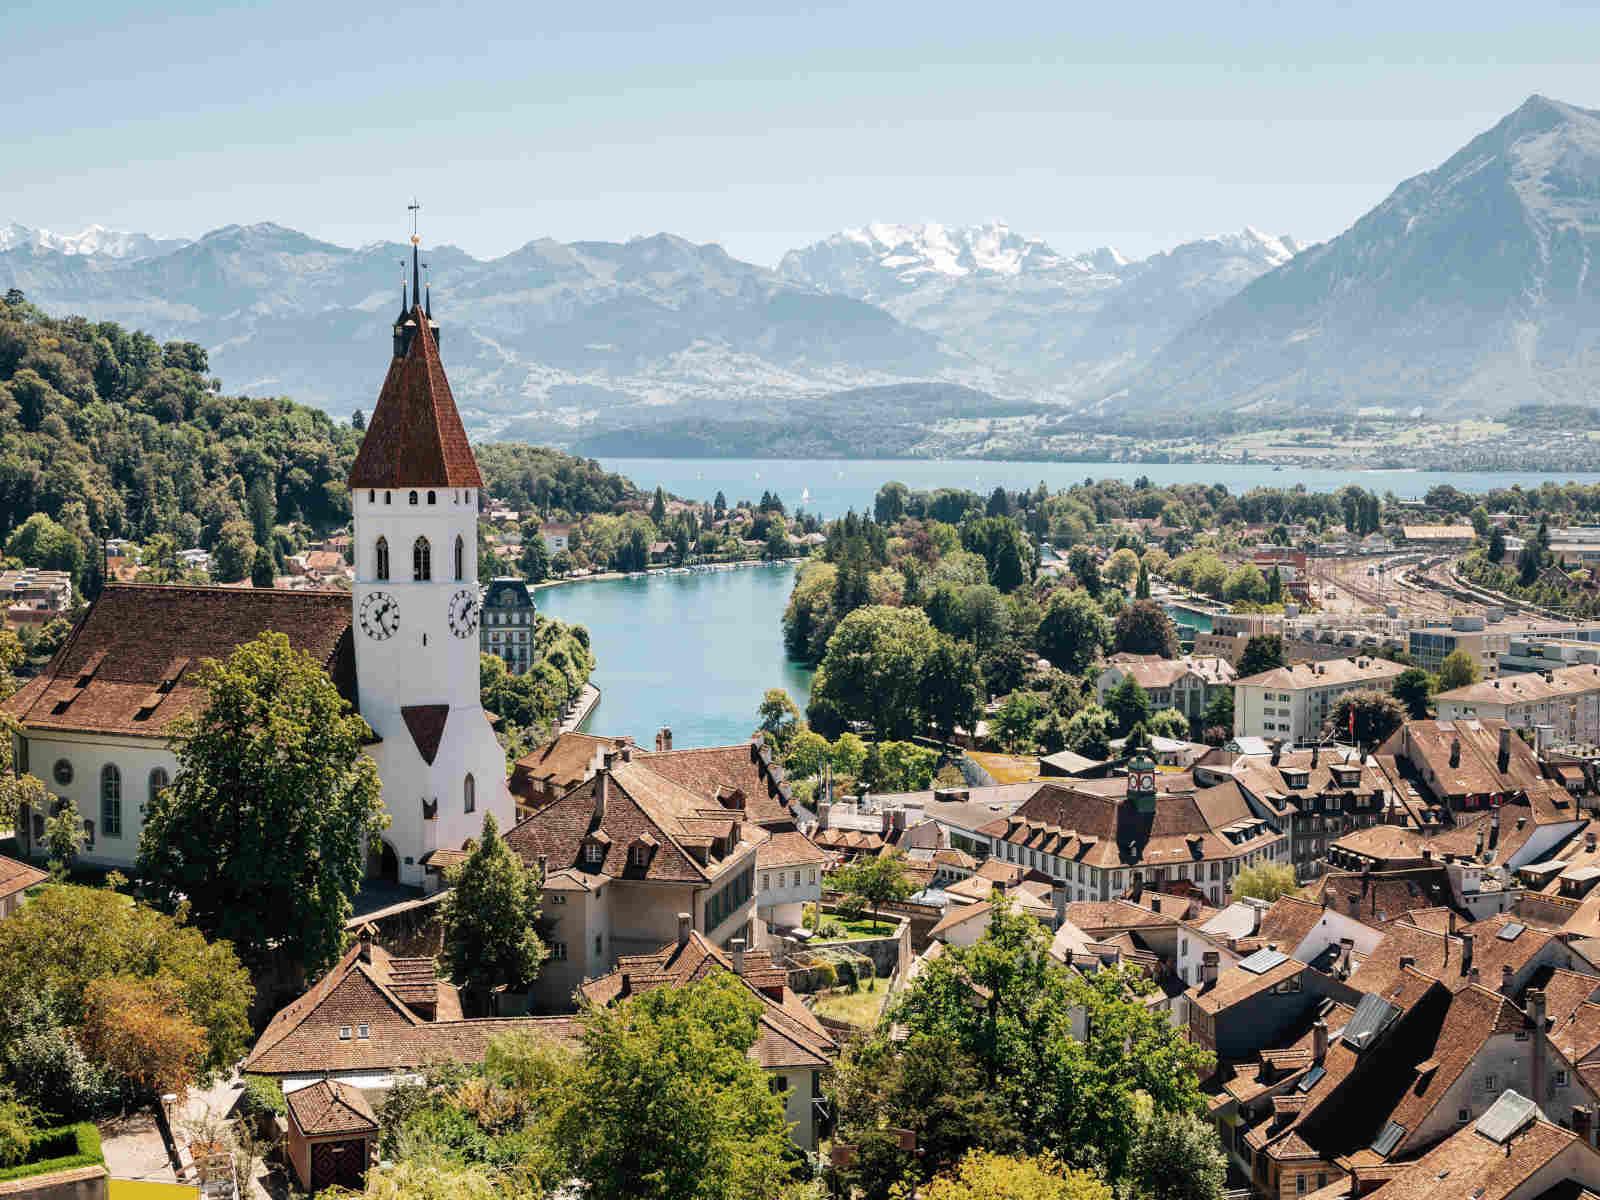 Stadt mit Schloss und See